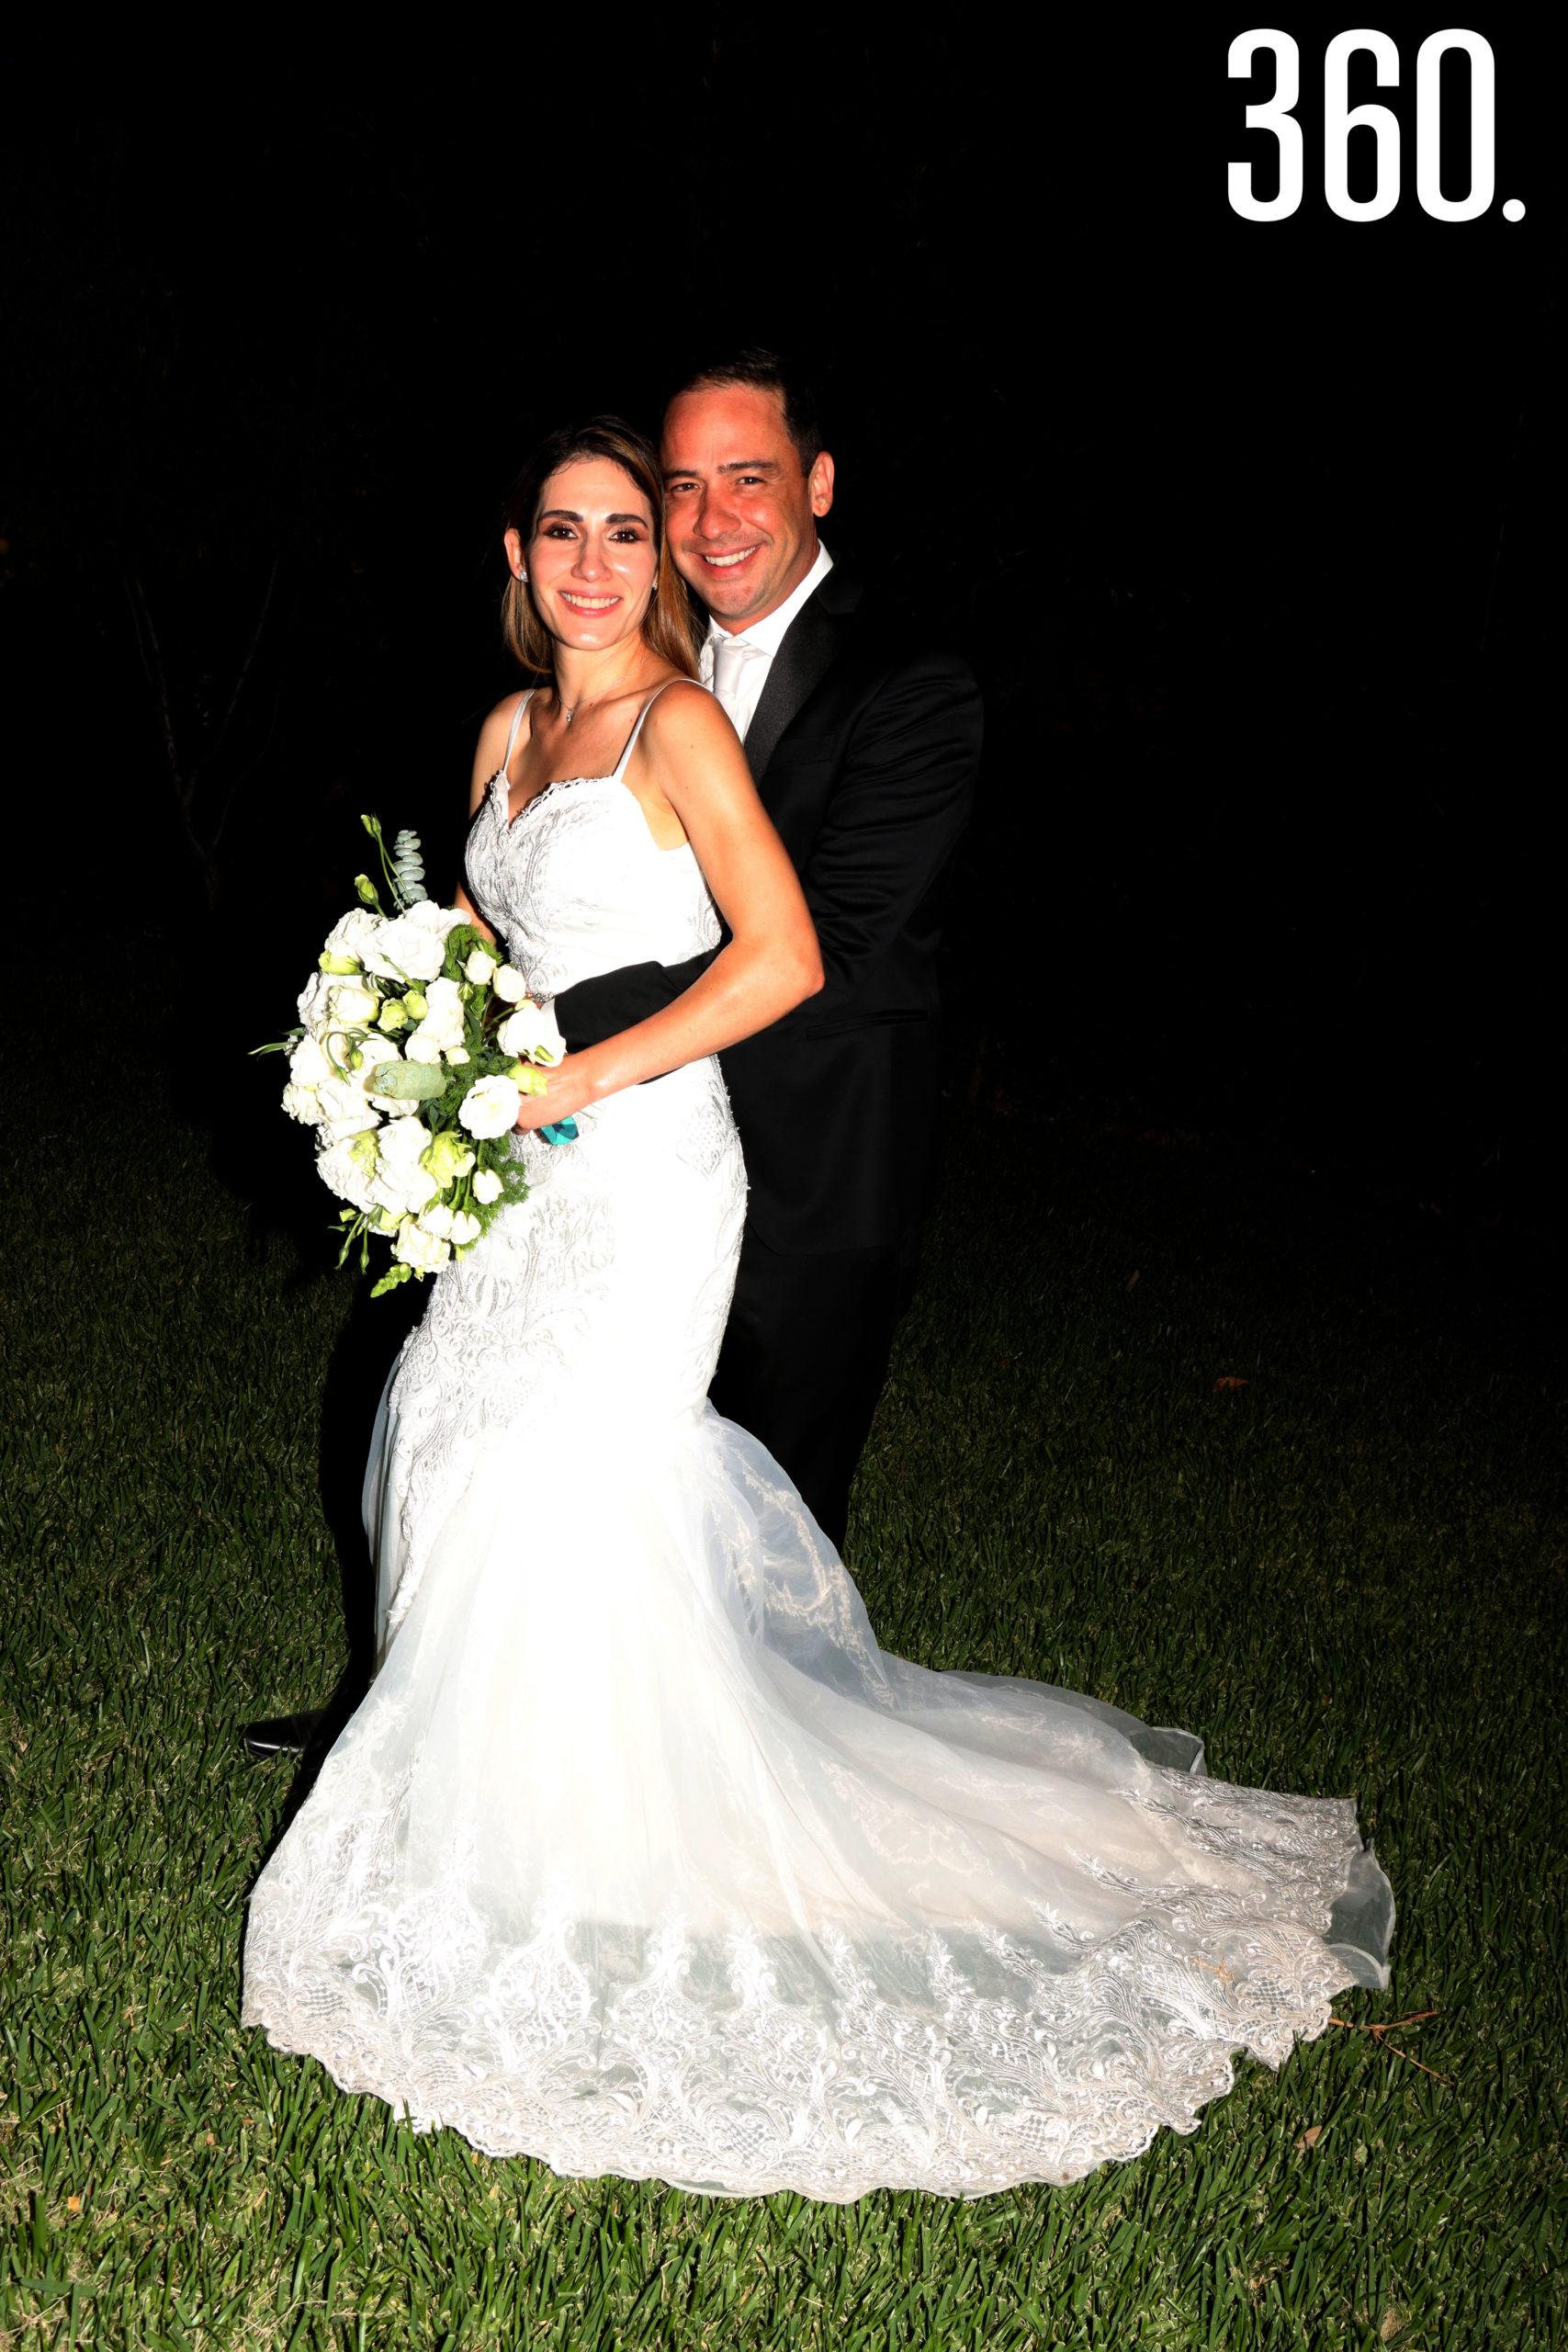 Jorge Arizpe Jiménez y María Alejandra de Anda Chávez unieron sus vidas en matrimonio en la Hacienda Guadalupe.